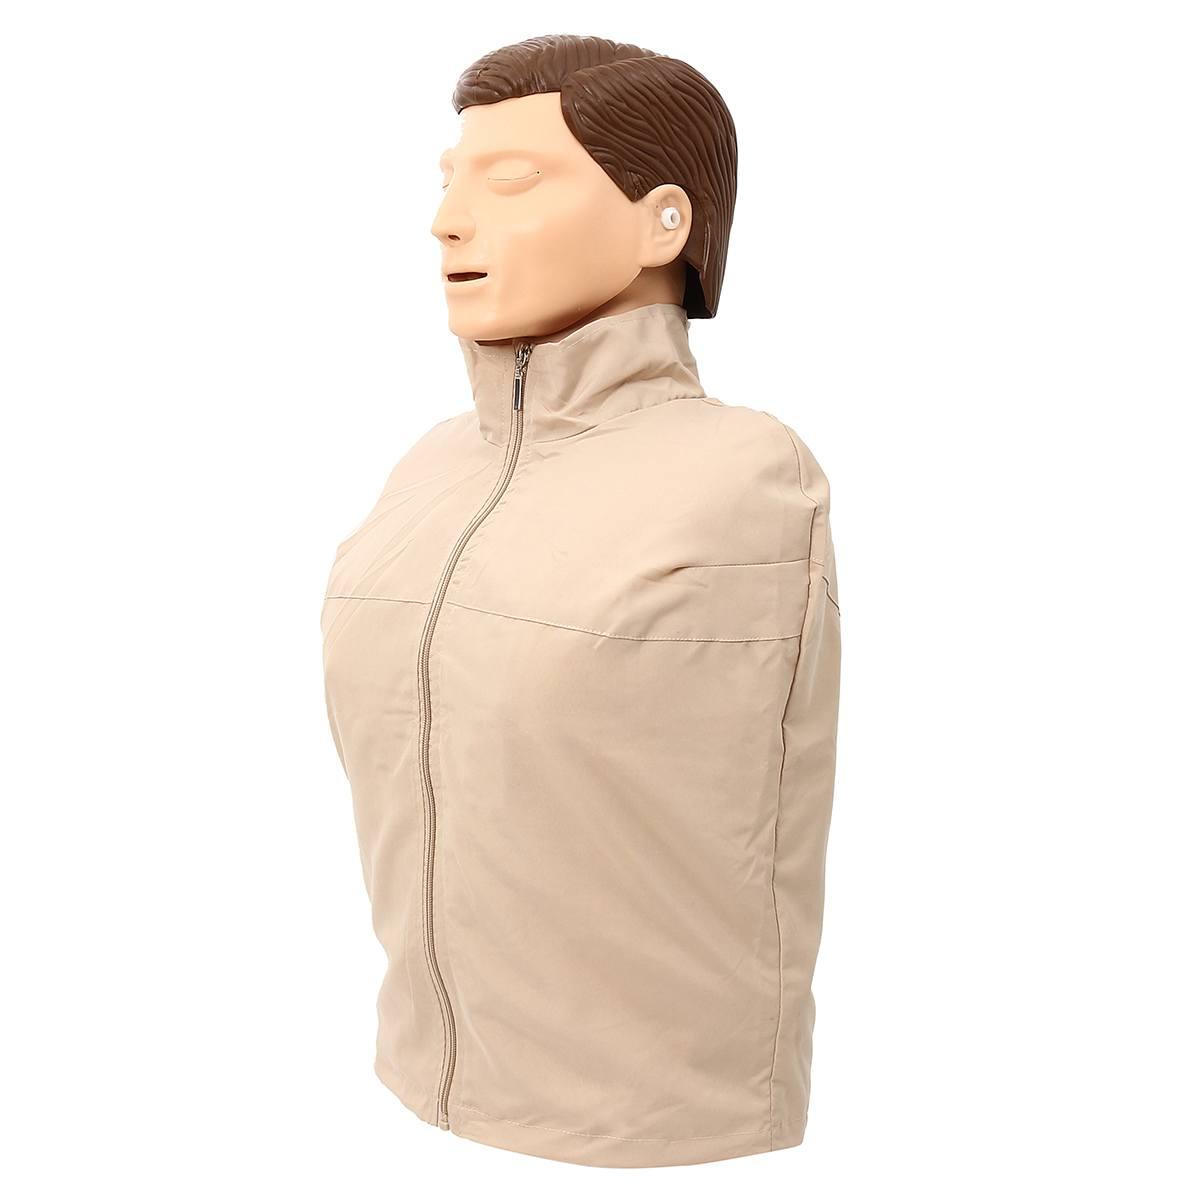 Mannequin de formation en rcr 70x22x34 cm buste Mannequin de formation en soins infirmiers professionnels modèle médical modèle de formation en premiers soins humains nouveau - 3